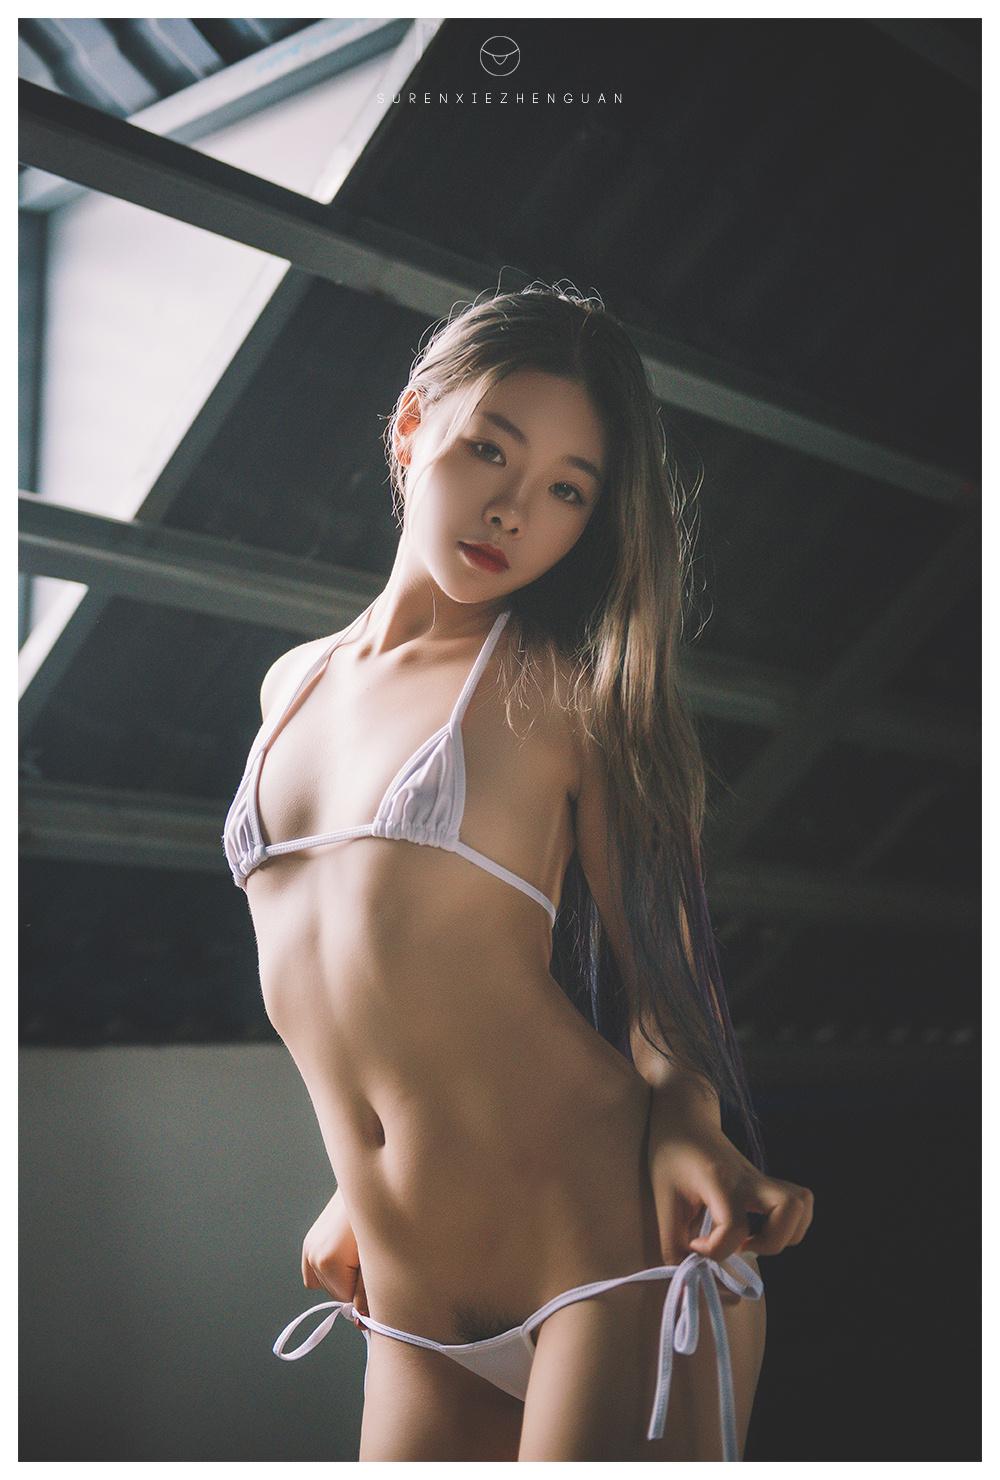 每日妹子图:性感JK制服与丝袜诱惑[16P]